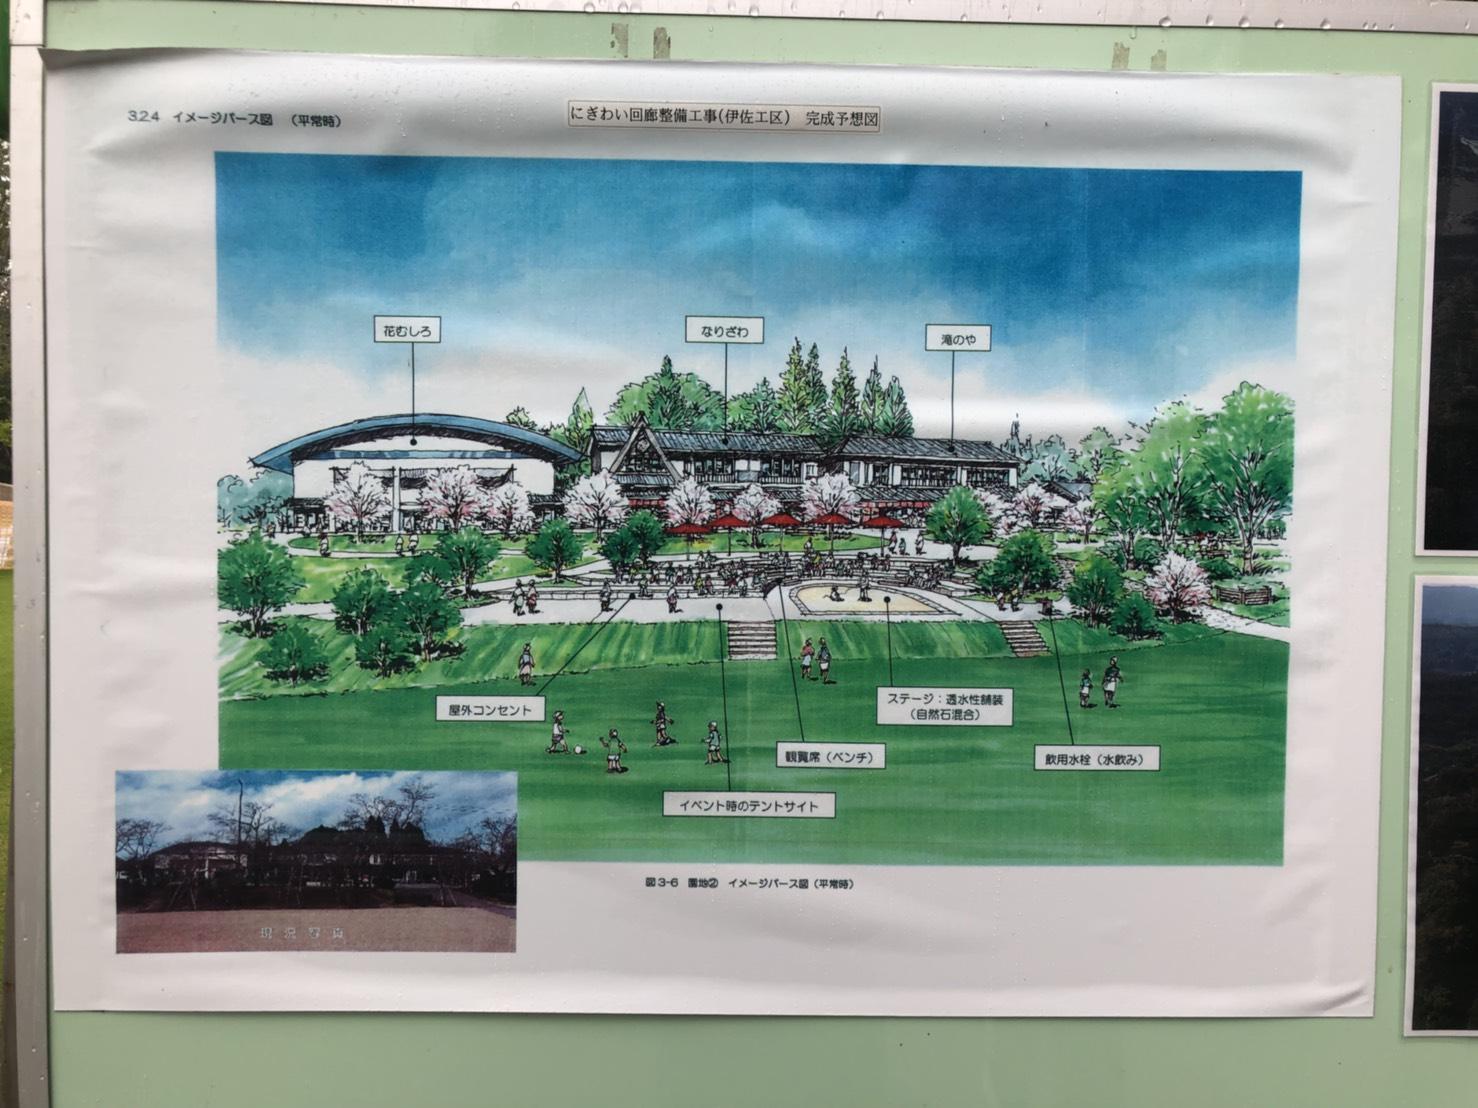 曽木の滝 工事 計画